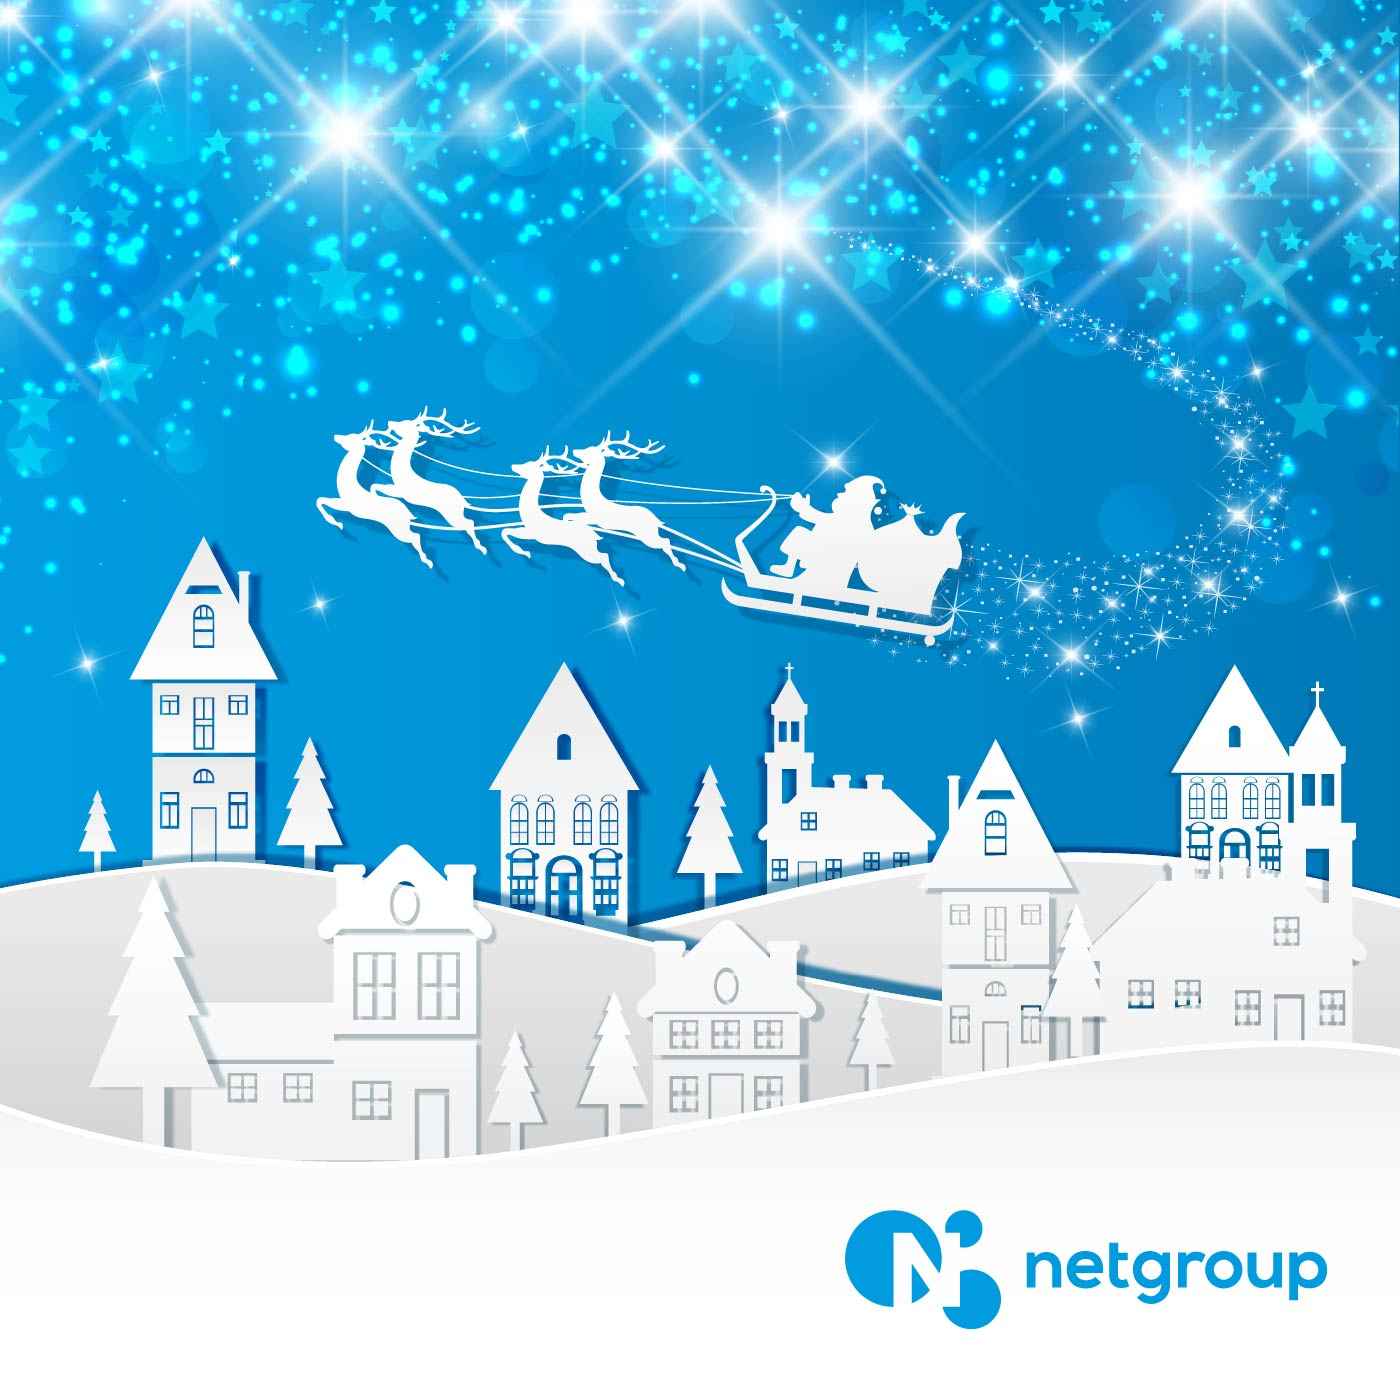 З Днем Святого Миколая | netgroup